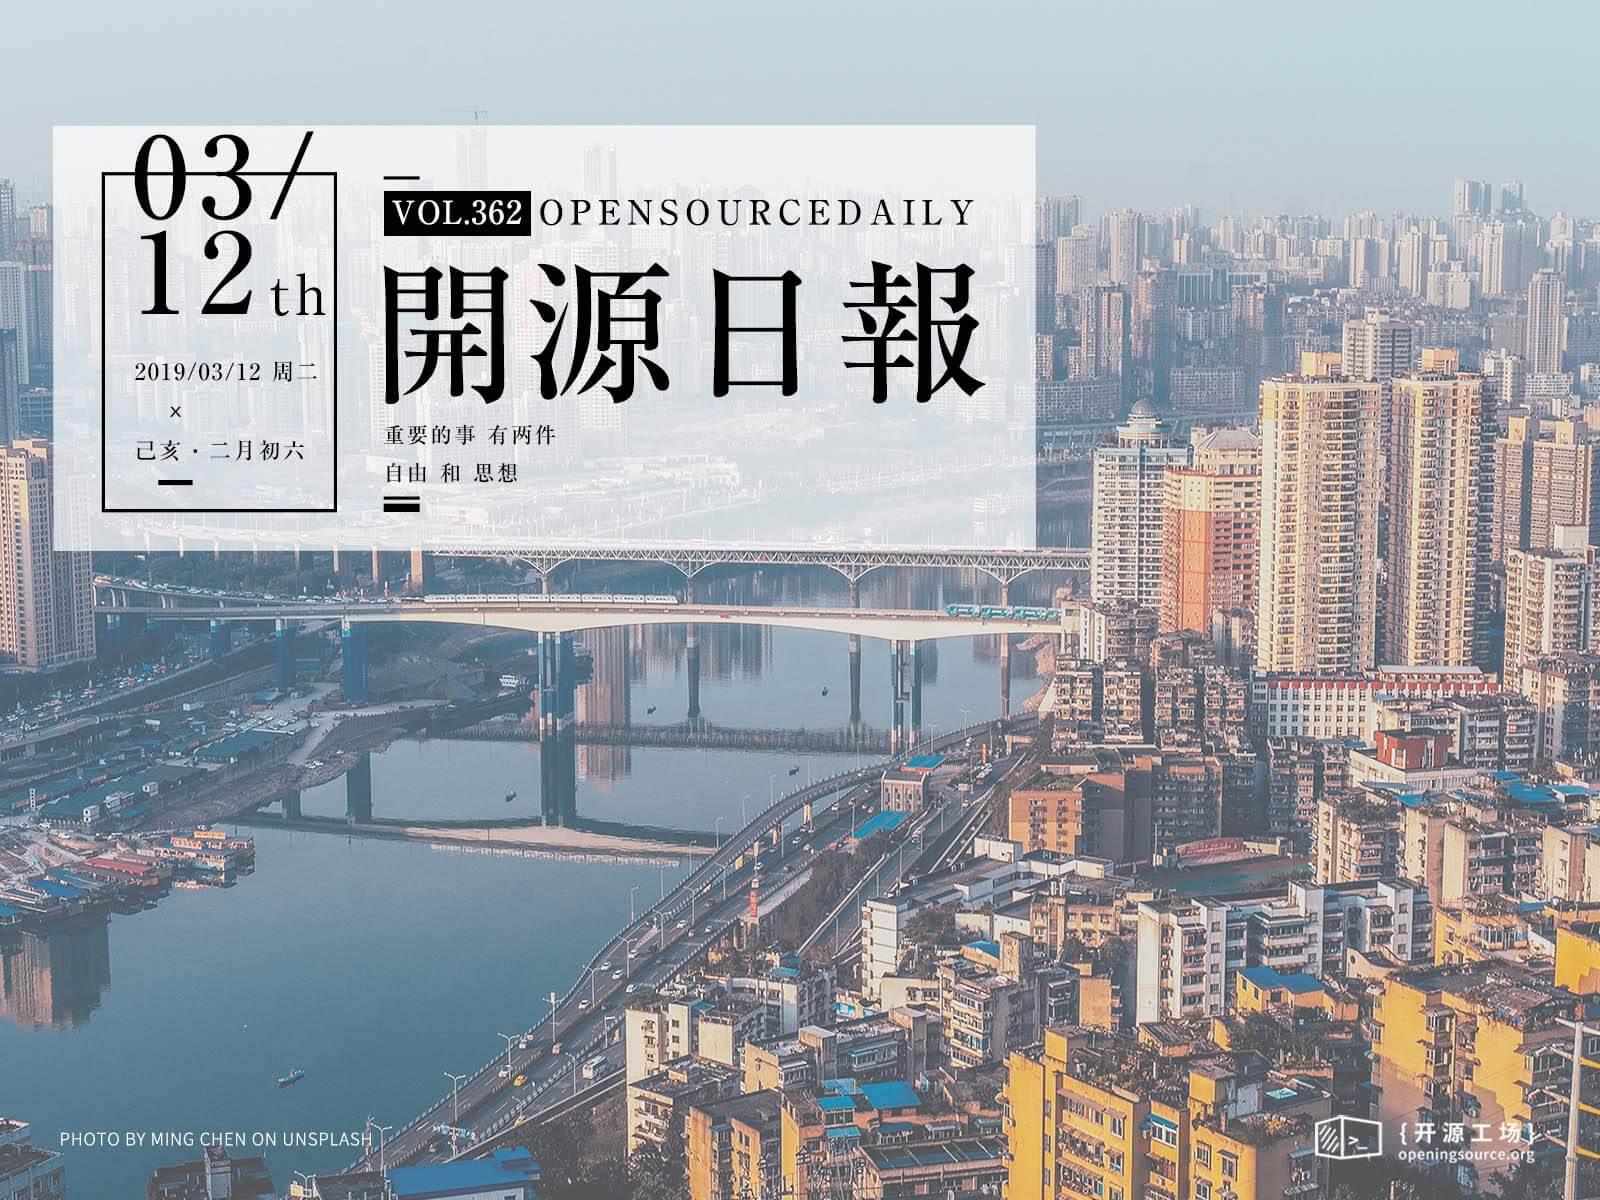 2019年3月12日:开源日报第362期